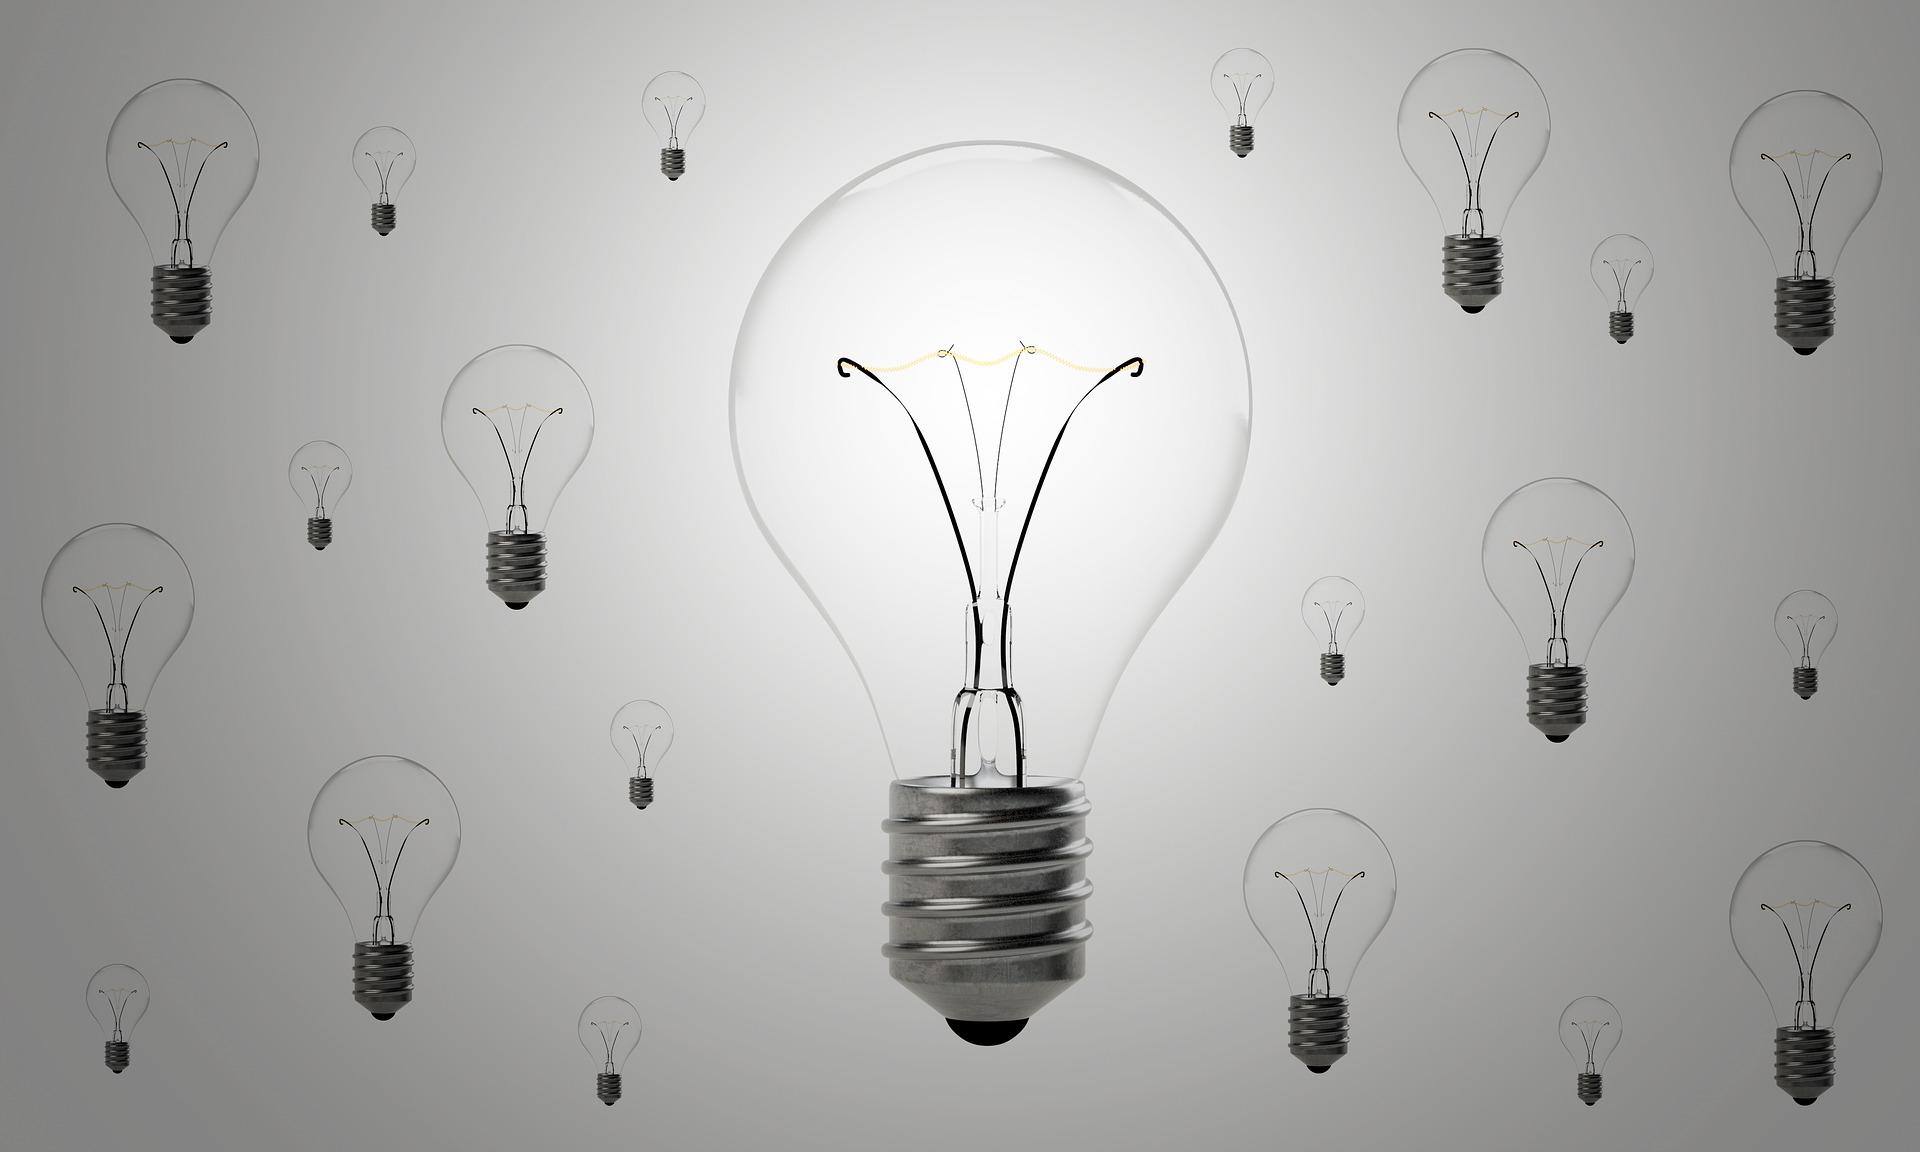 lightbulbs-1875257_1920.jpg